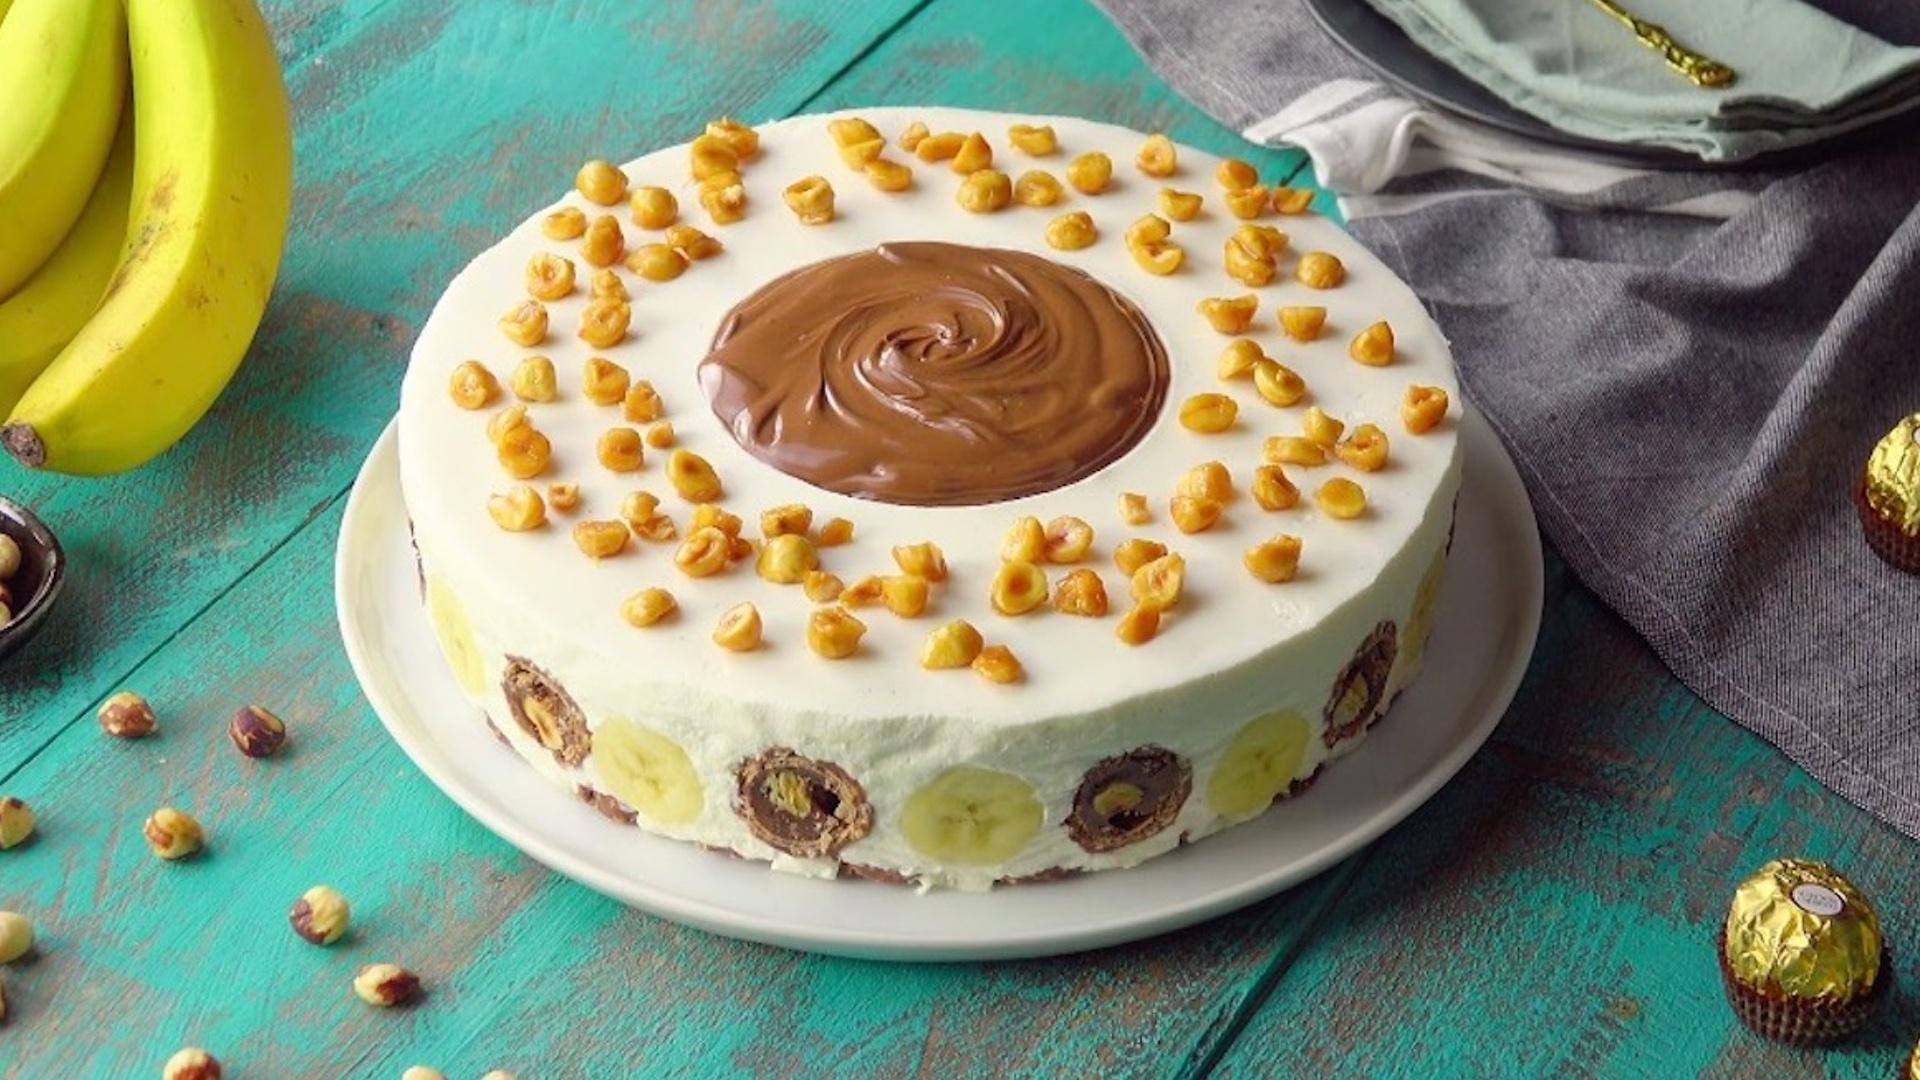 торт банановый картинка сейчас зависим